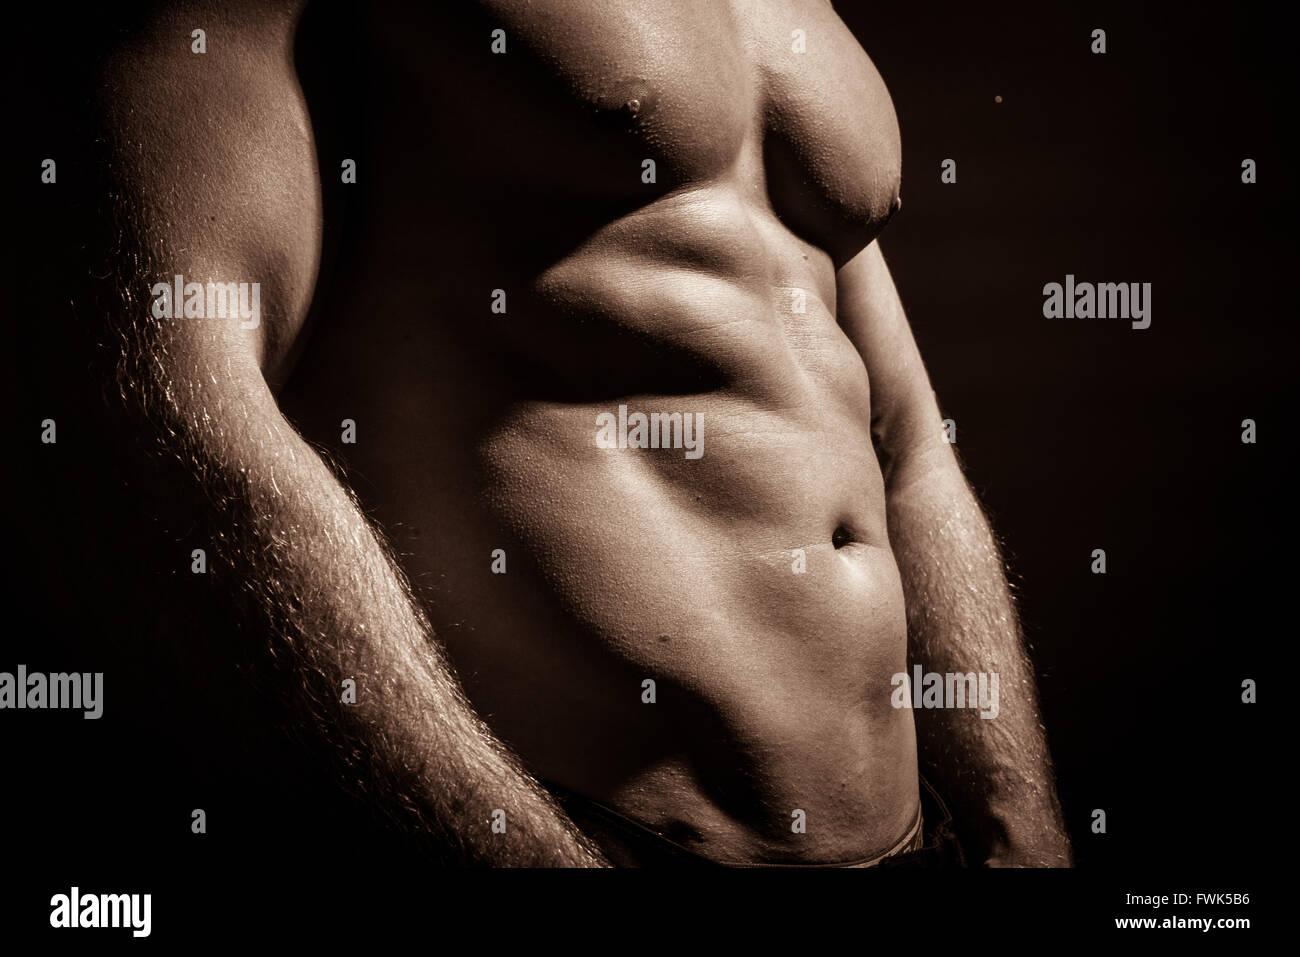 Mittelteil von nacktem Oberkörper muskulöser Mann stehend auf schwarzem Hintergrund Stockbild